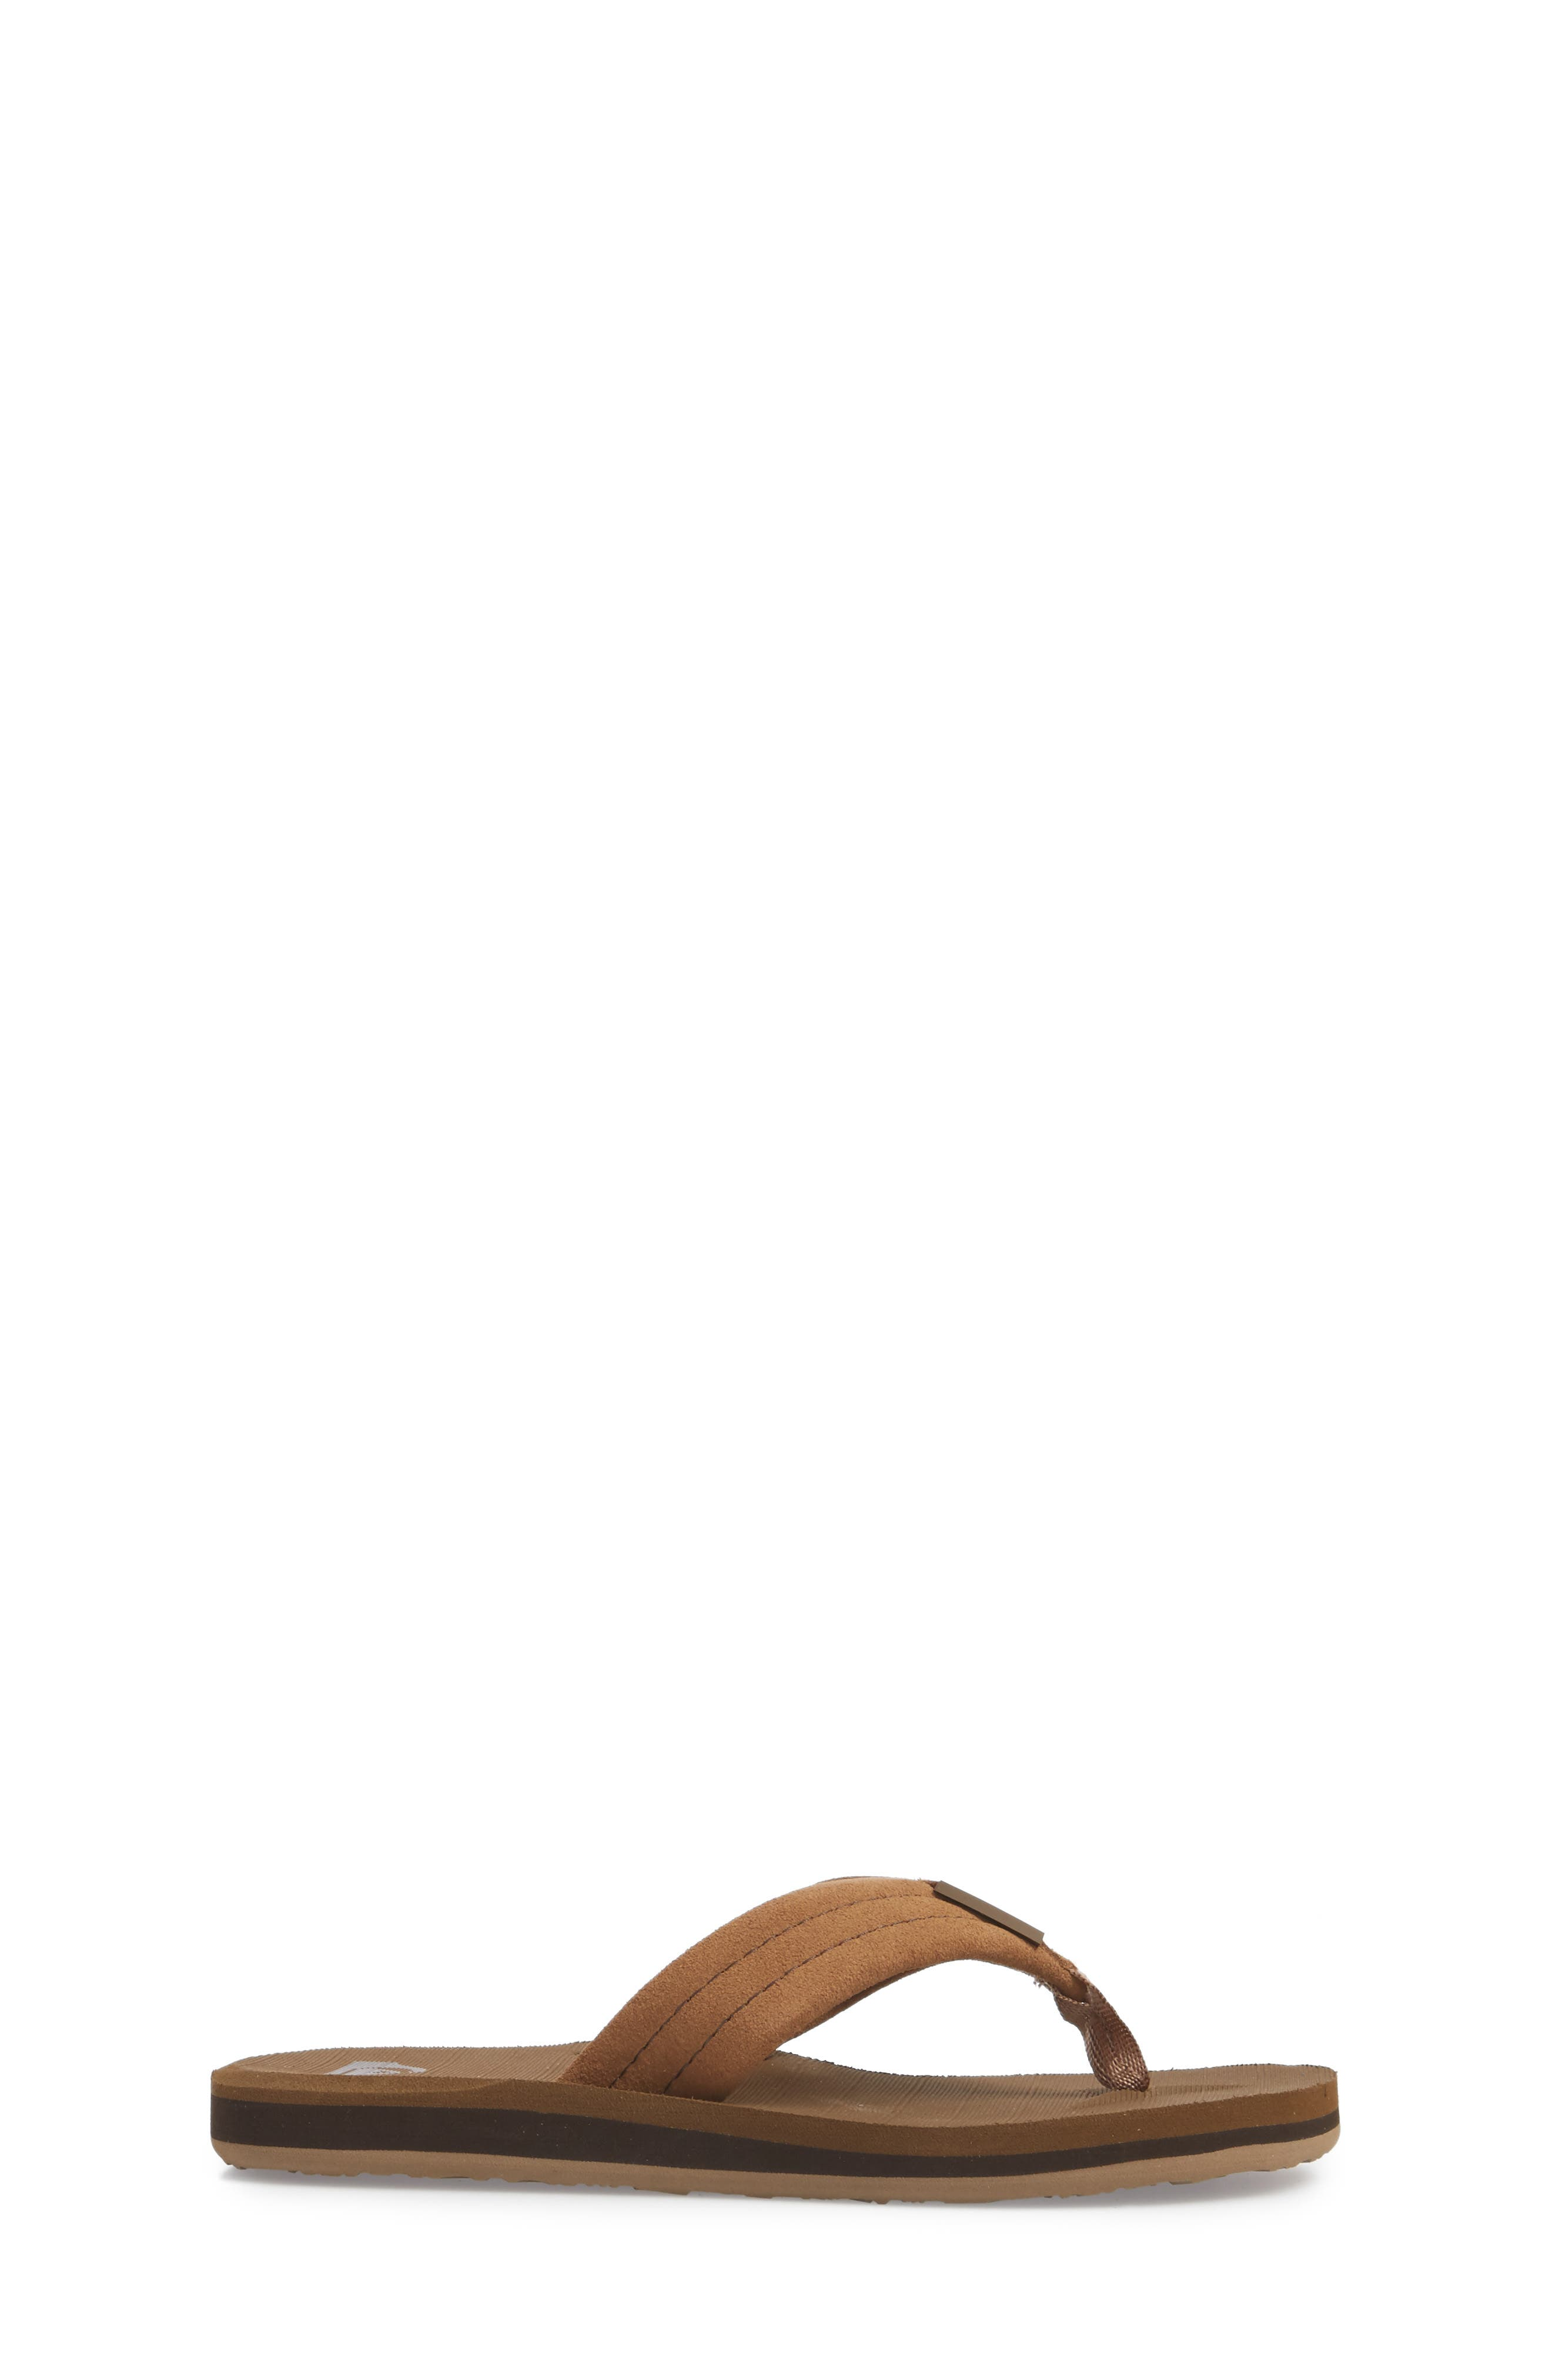 QUIKSILVER, Carver Flip Flop, Alternate thumbnail 3, color, TAN